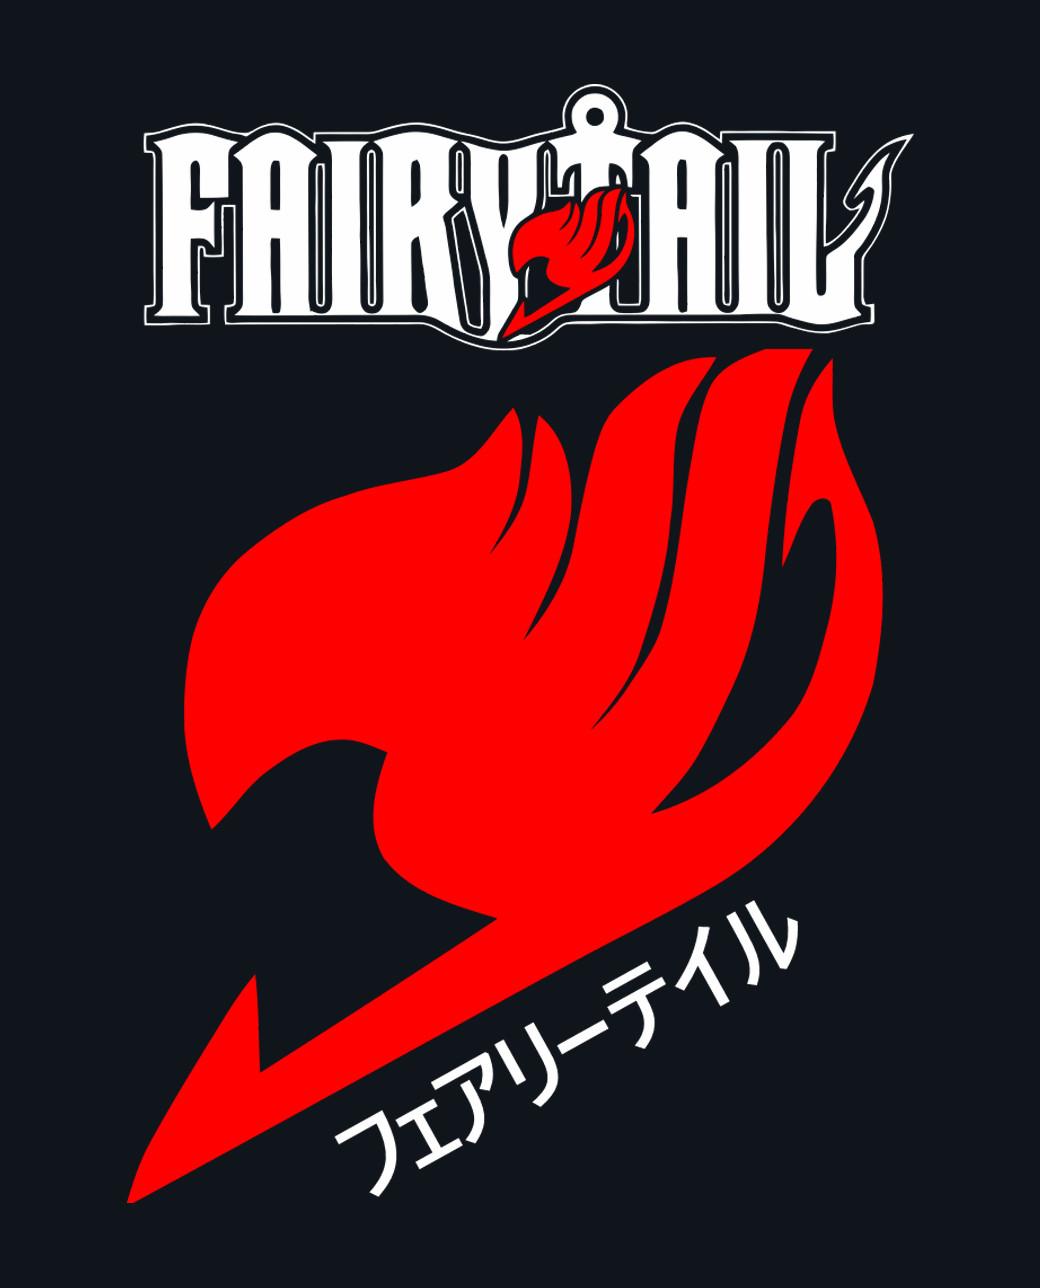 fair tail